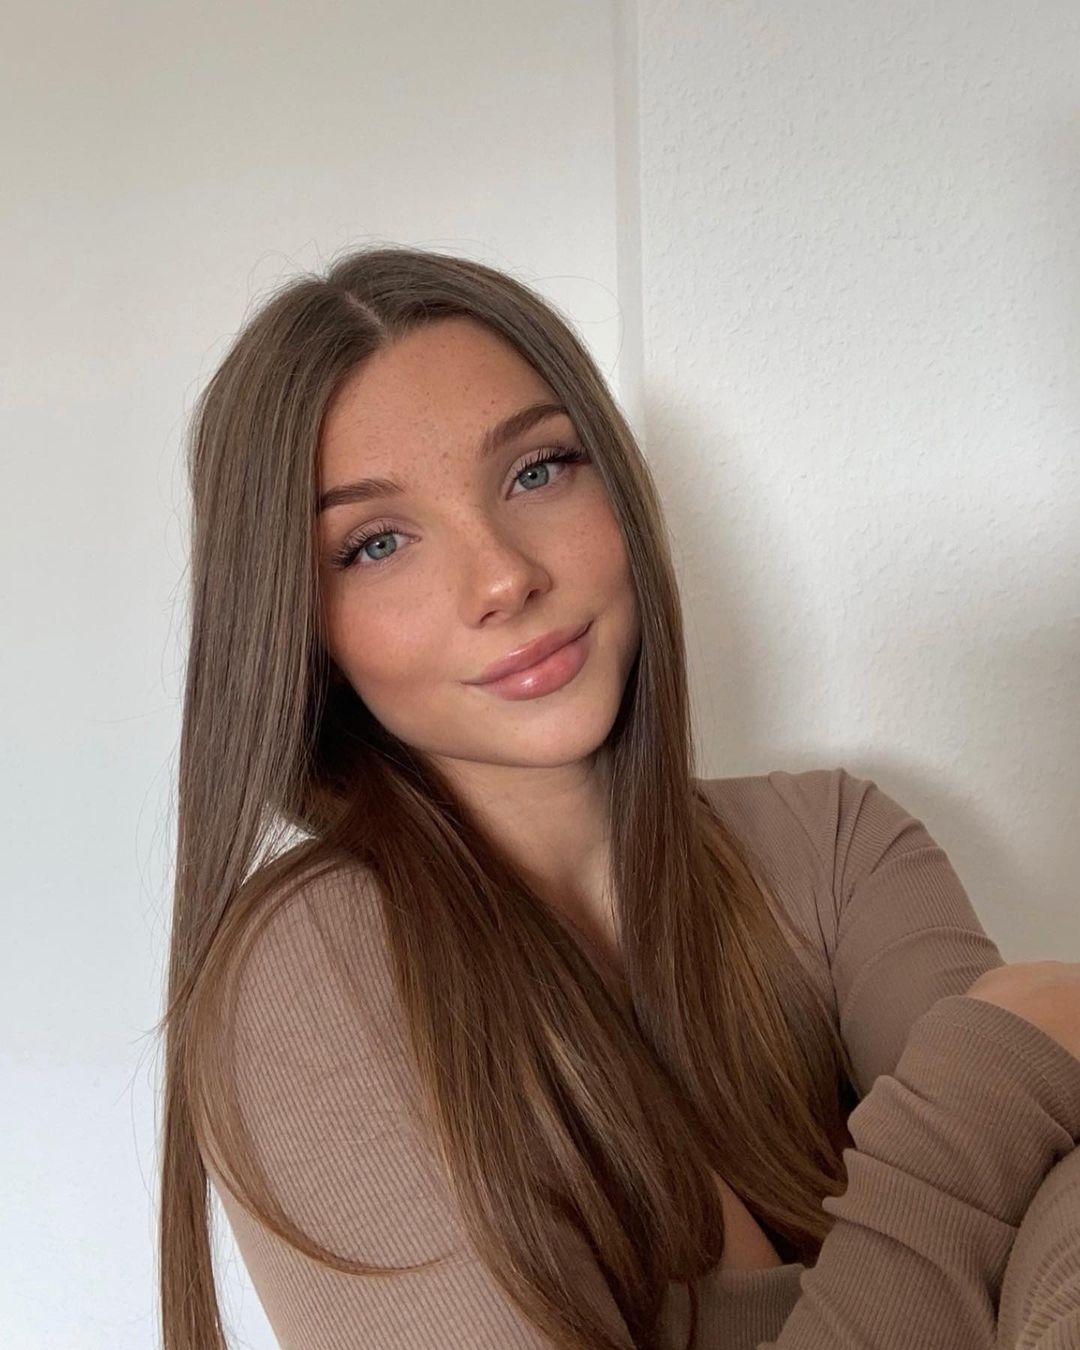 Darleen-Josephine-Wallpapers-Insta-Fit-Bio-11